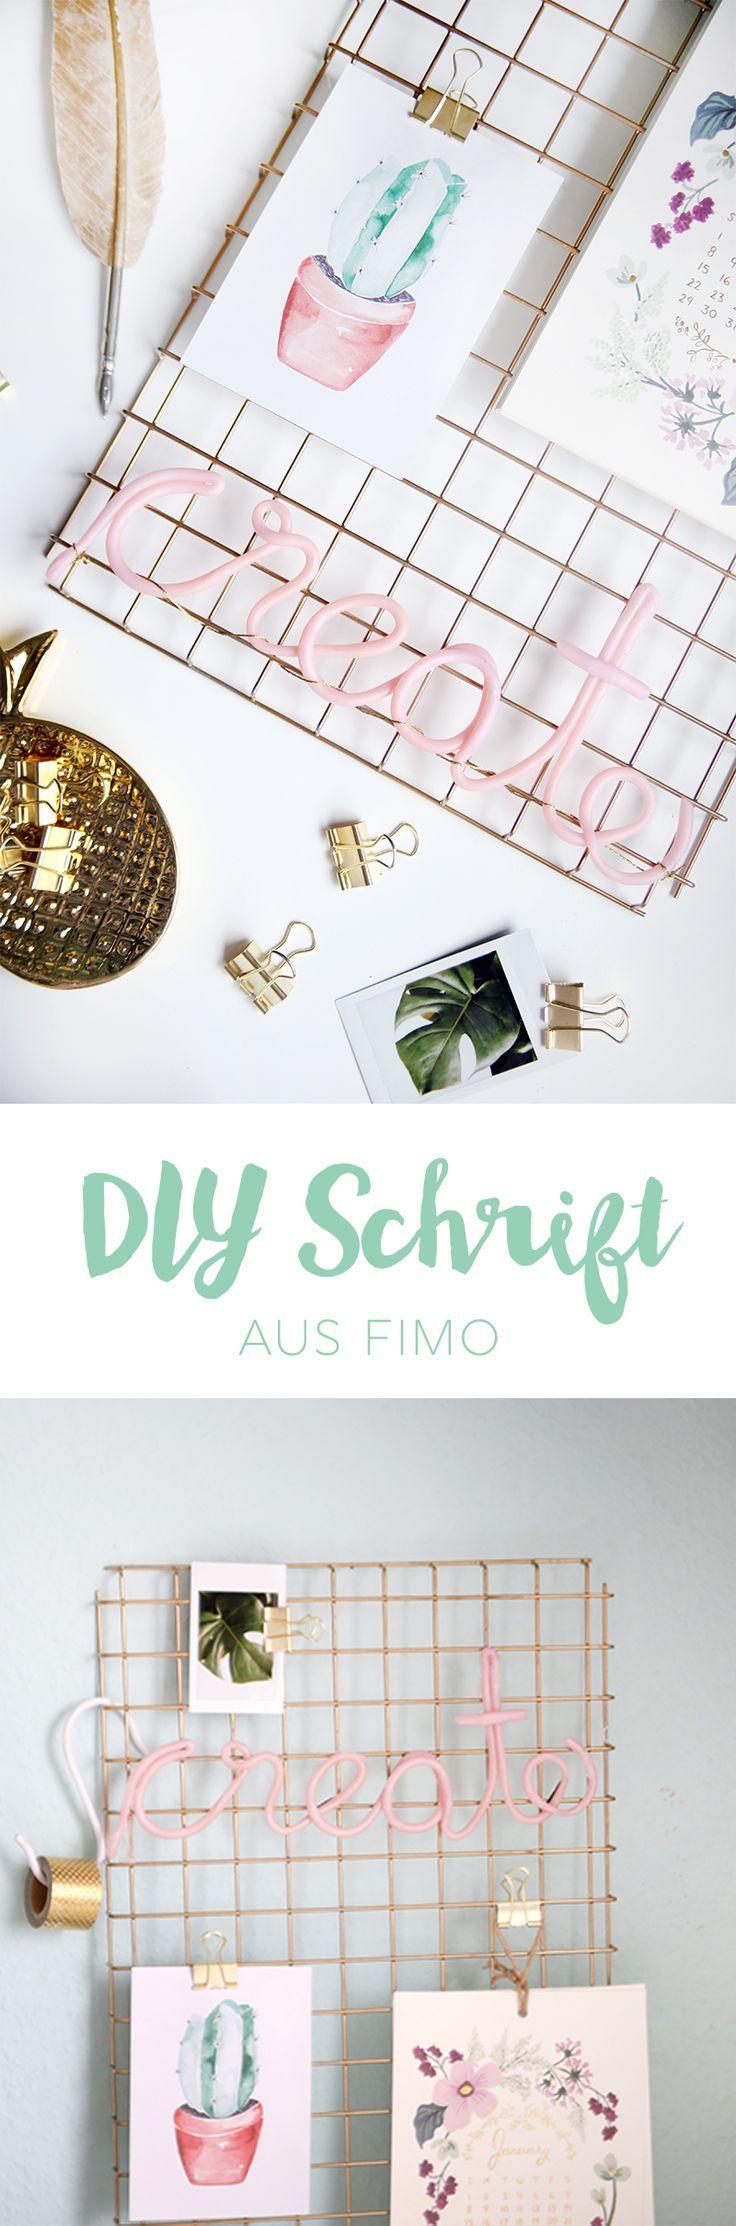 {DIY} Erstellen Sie einen Deko-Schriftzug aus Fimo   – DIY // Crafts – #aus #cra…